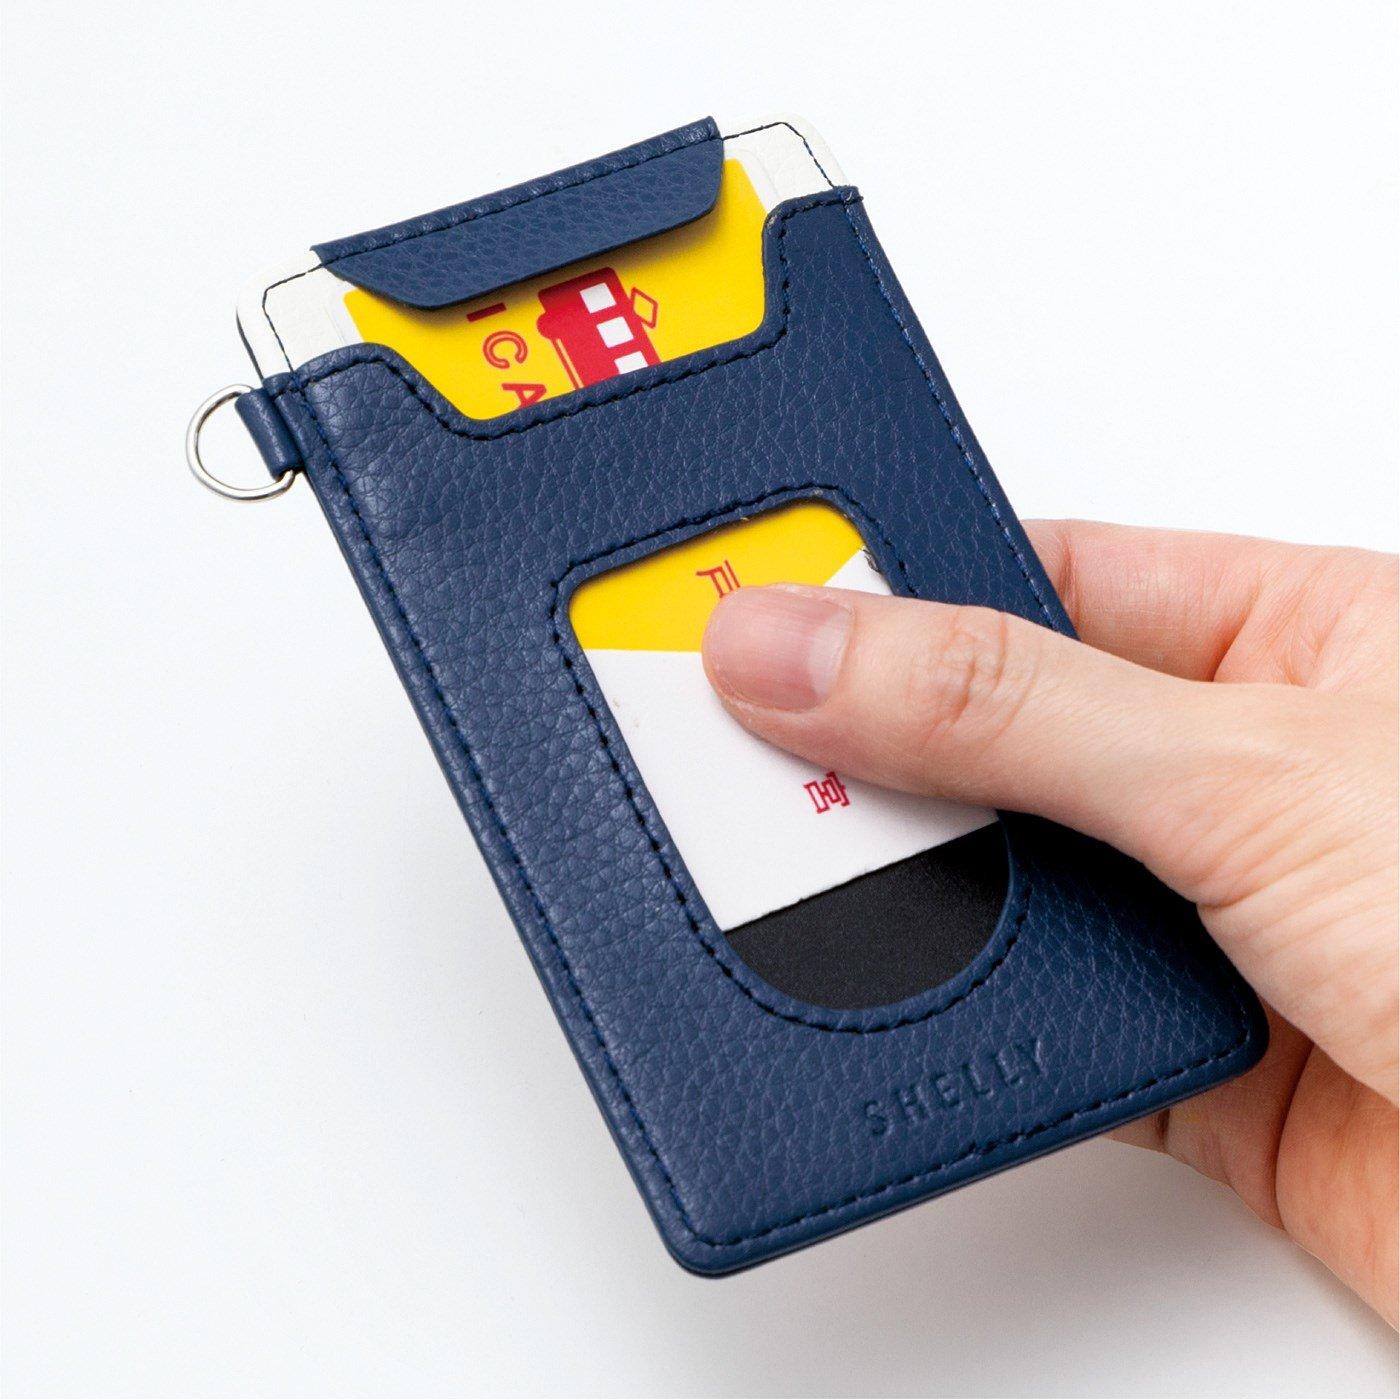 ICカードの干渉エラー&スキミングも防ぐ スライドパスケースの会